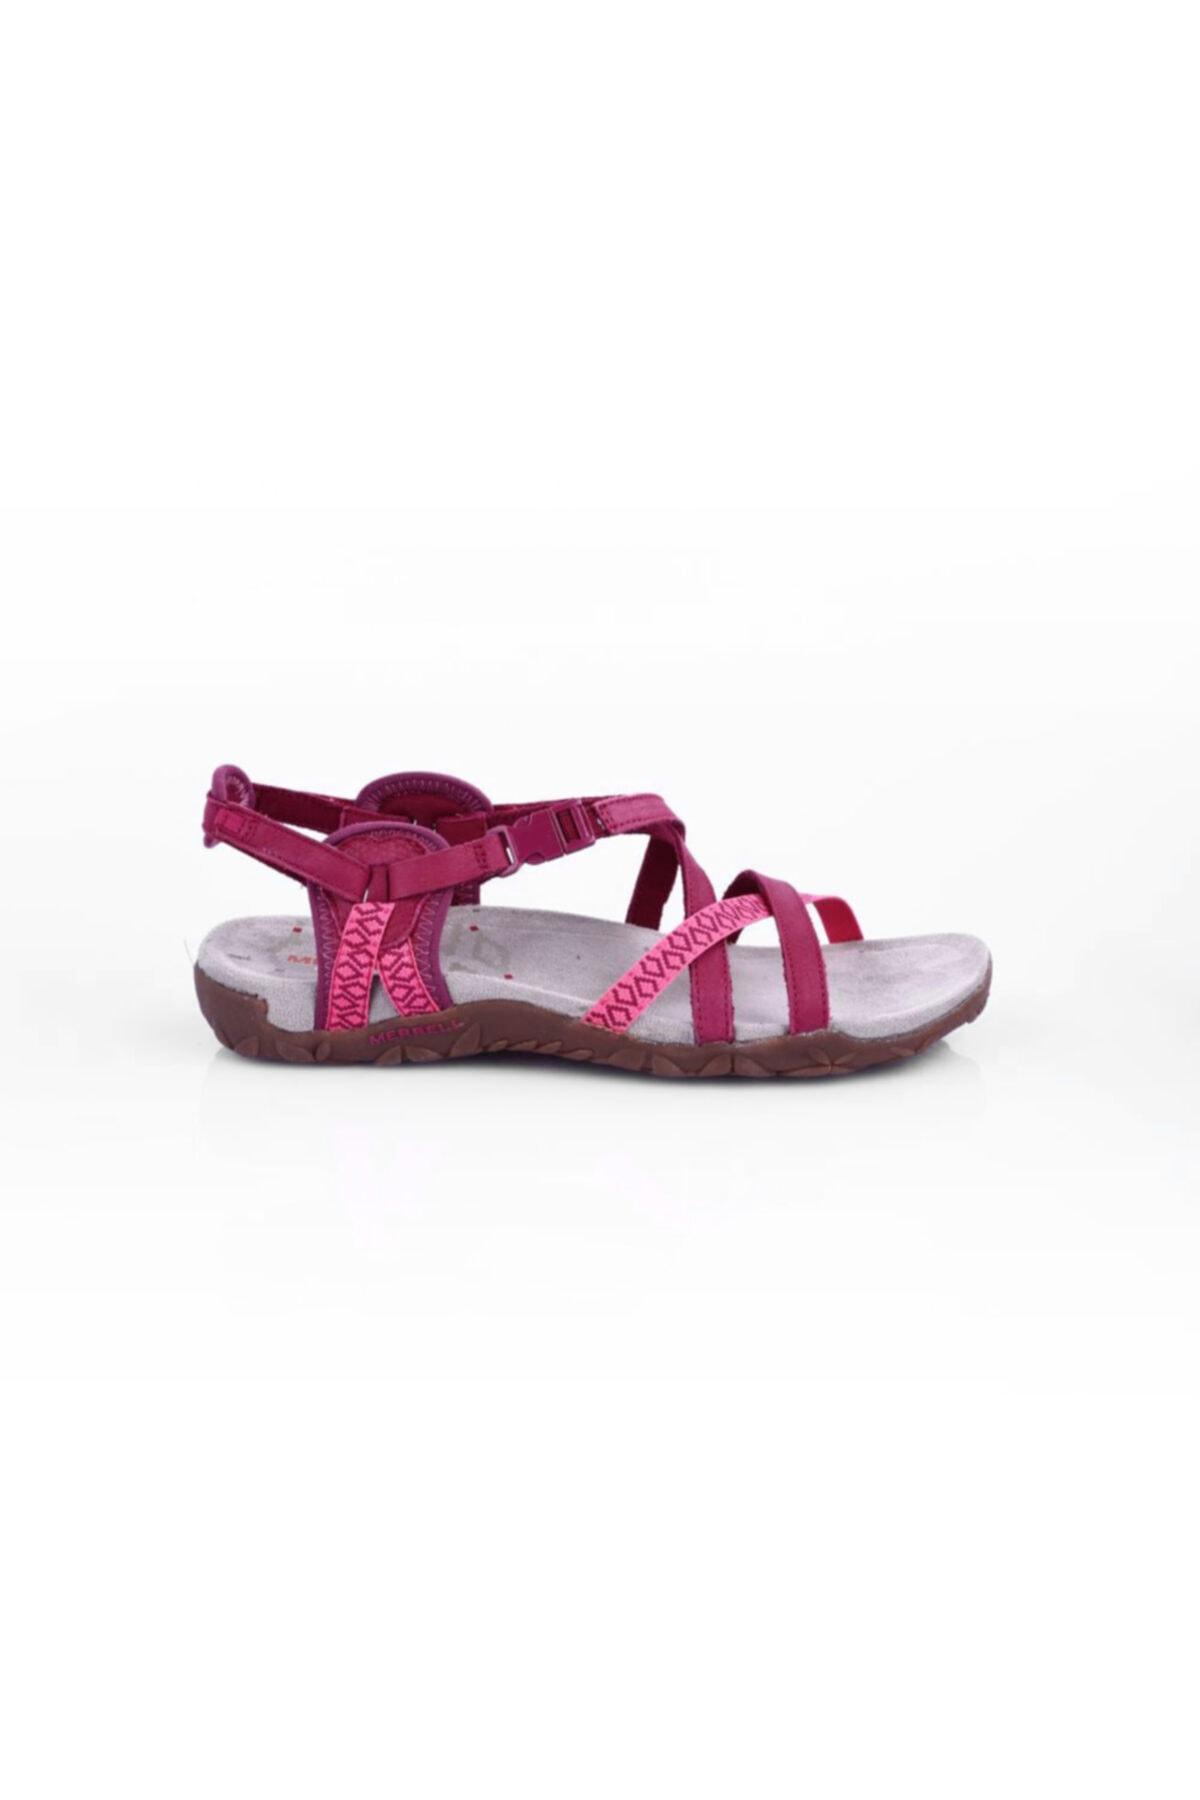 Salomon Merrell J55310 Kadın  Terran Lattıce Iı Sandalet 20y 1